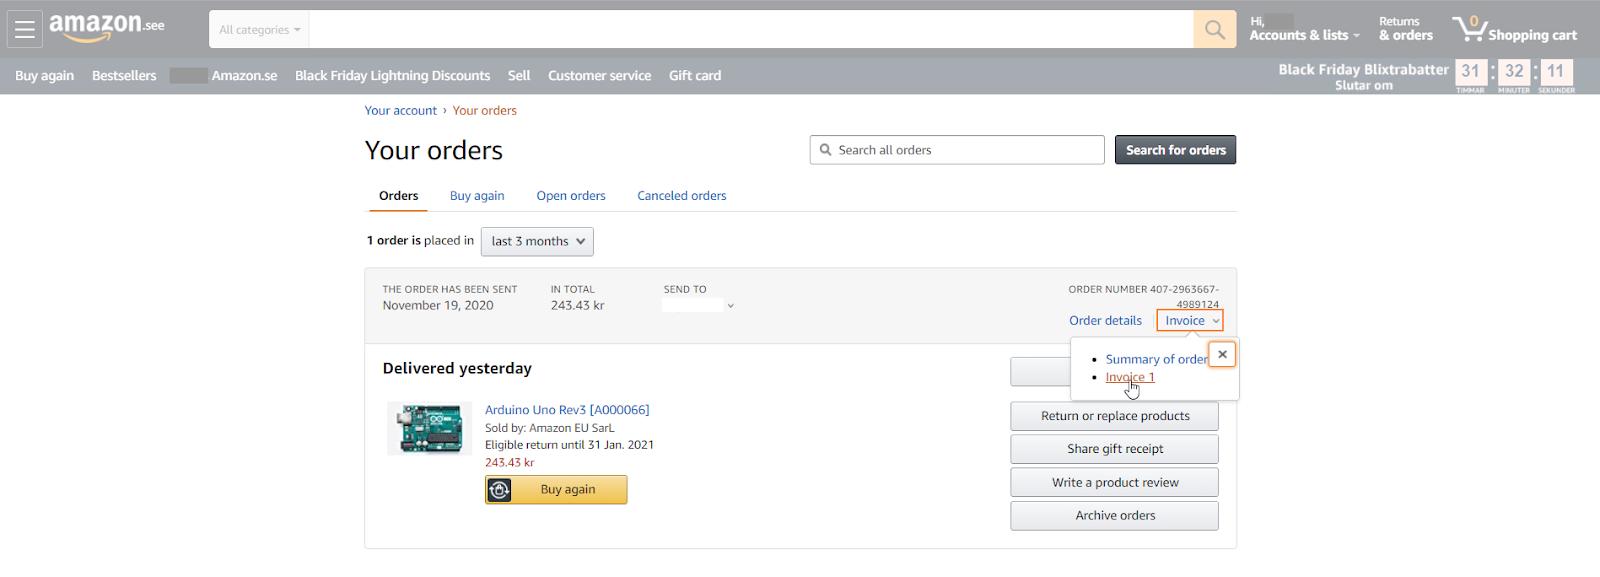 Amazon - Order invoice